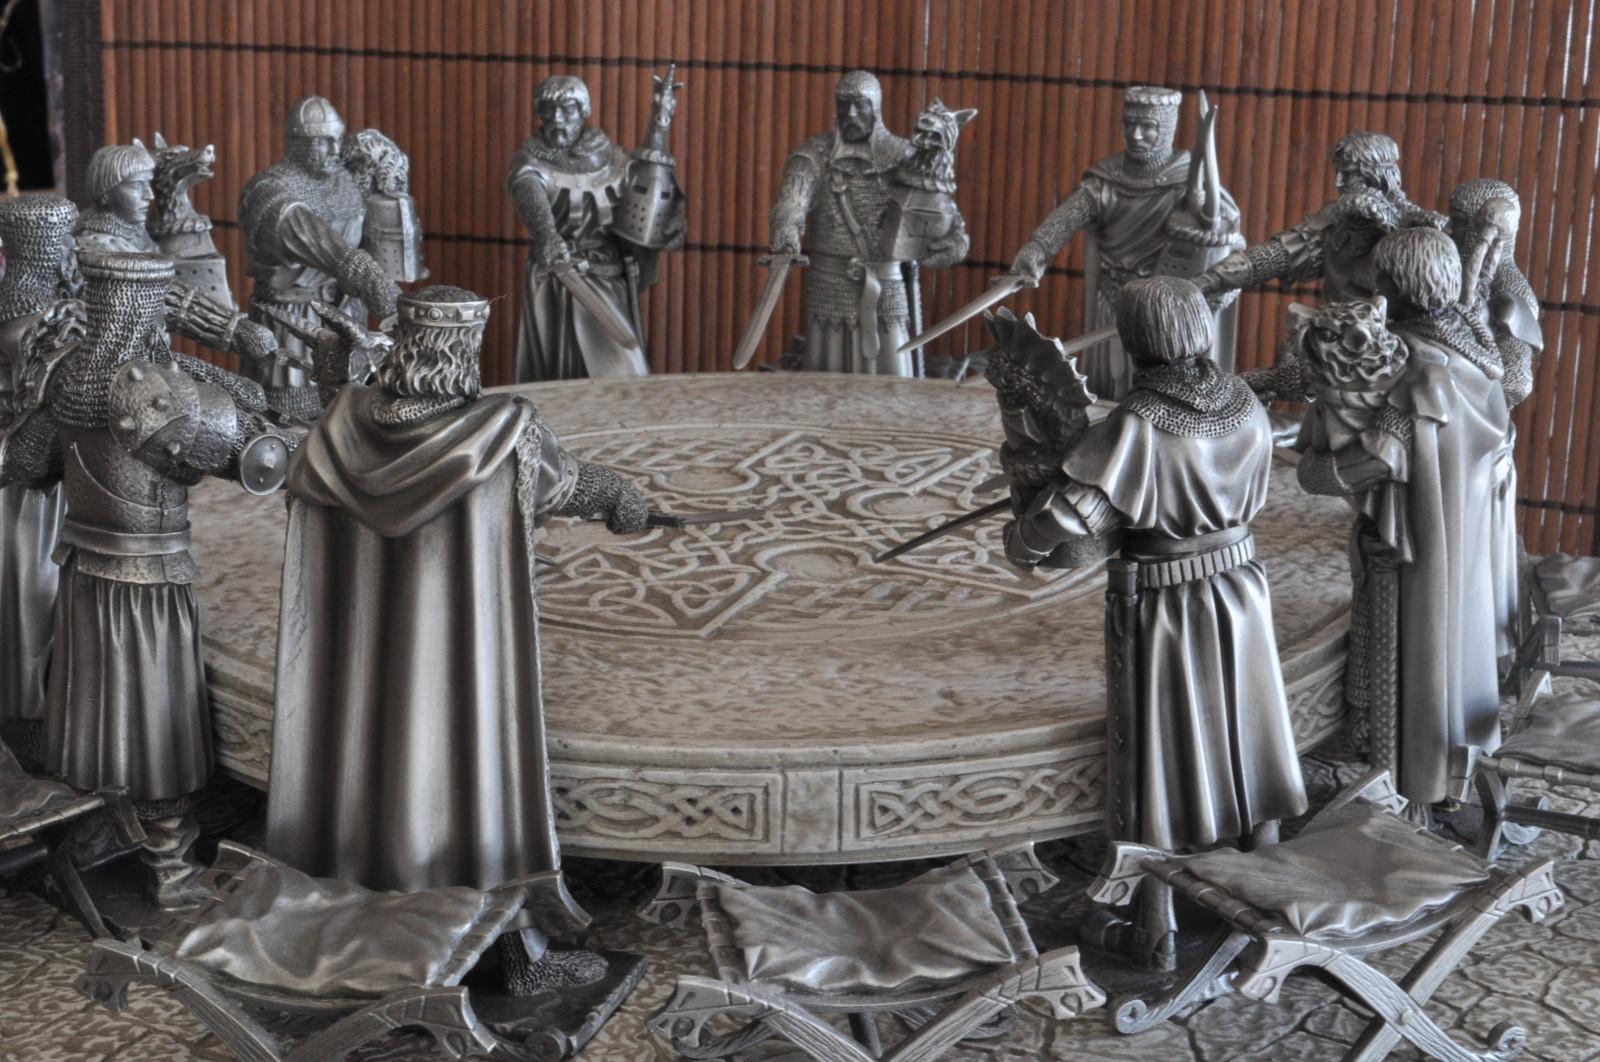 Famille egger les chevaliers de la table ronde - Expose sur les chevaliers de la table ronde ...